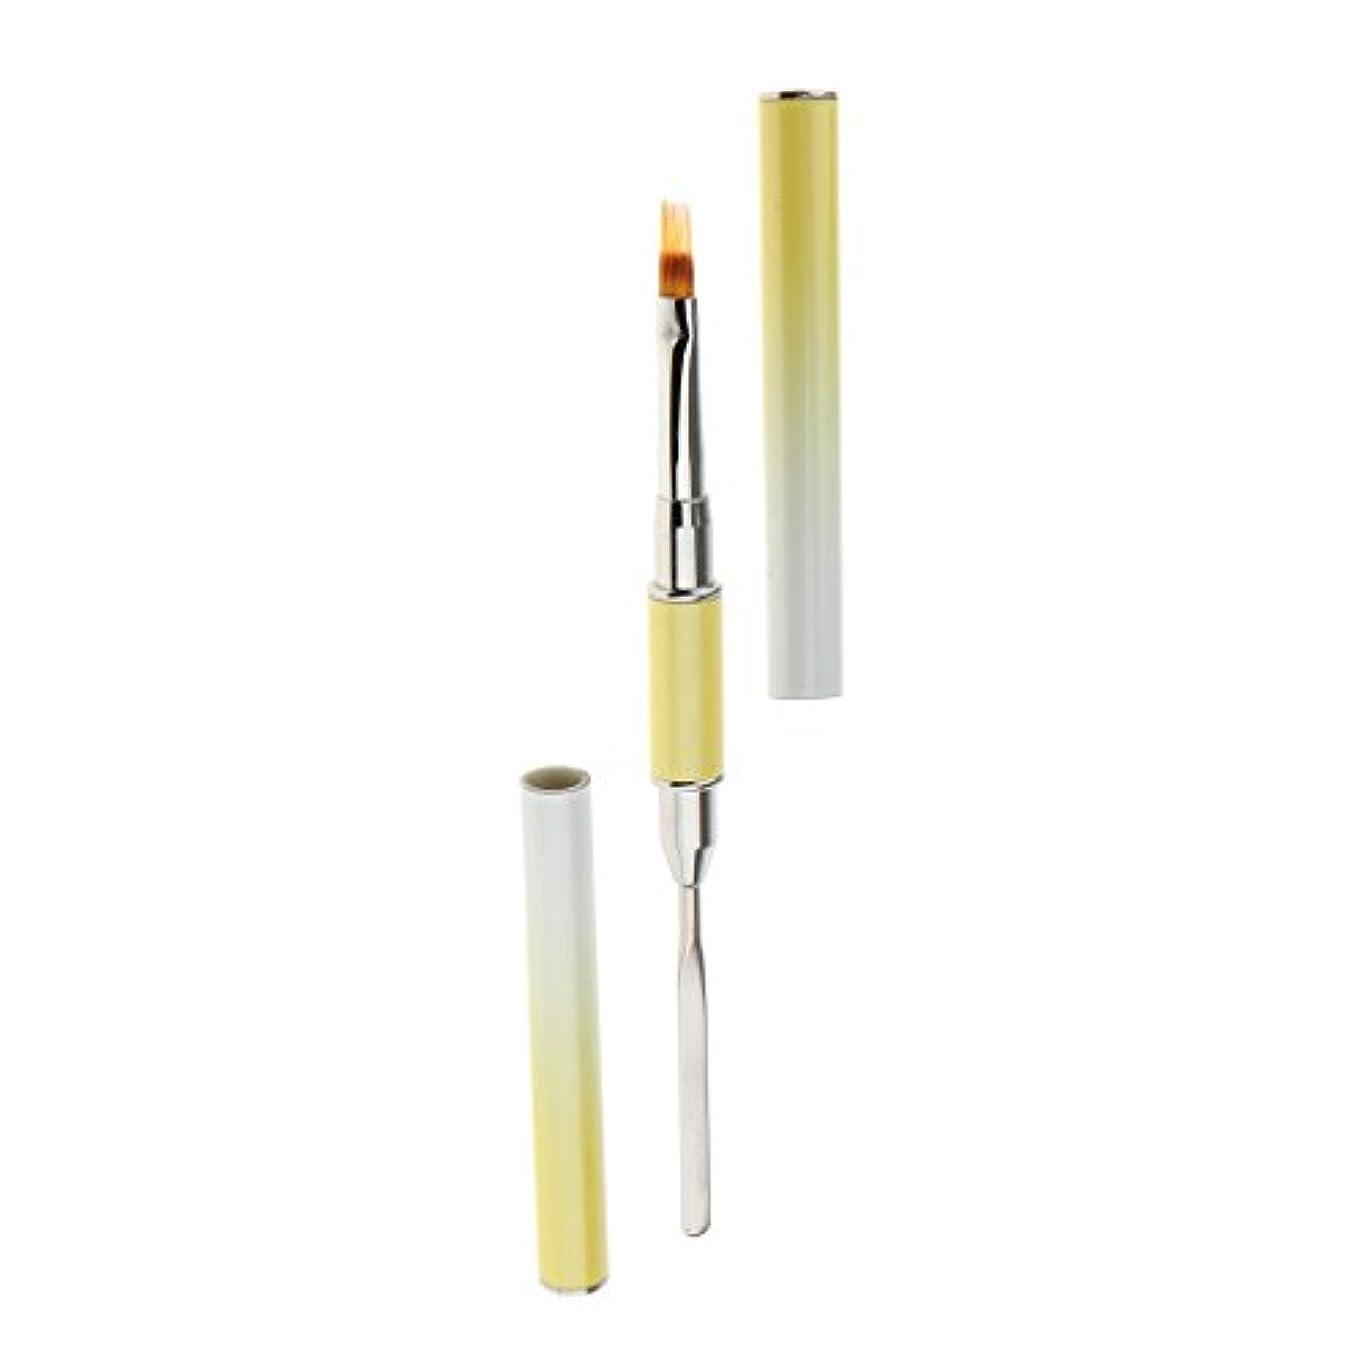 DYNWAVE 全6種類 ネイルペイン 描画ペン ブラシ ポーランドペン デュアルヘッド ネイルアート uvゲル - タイプ6